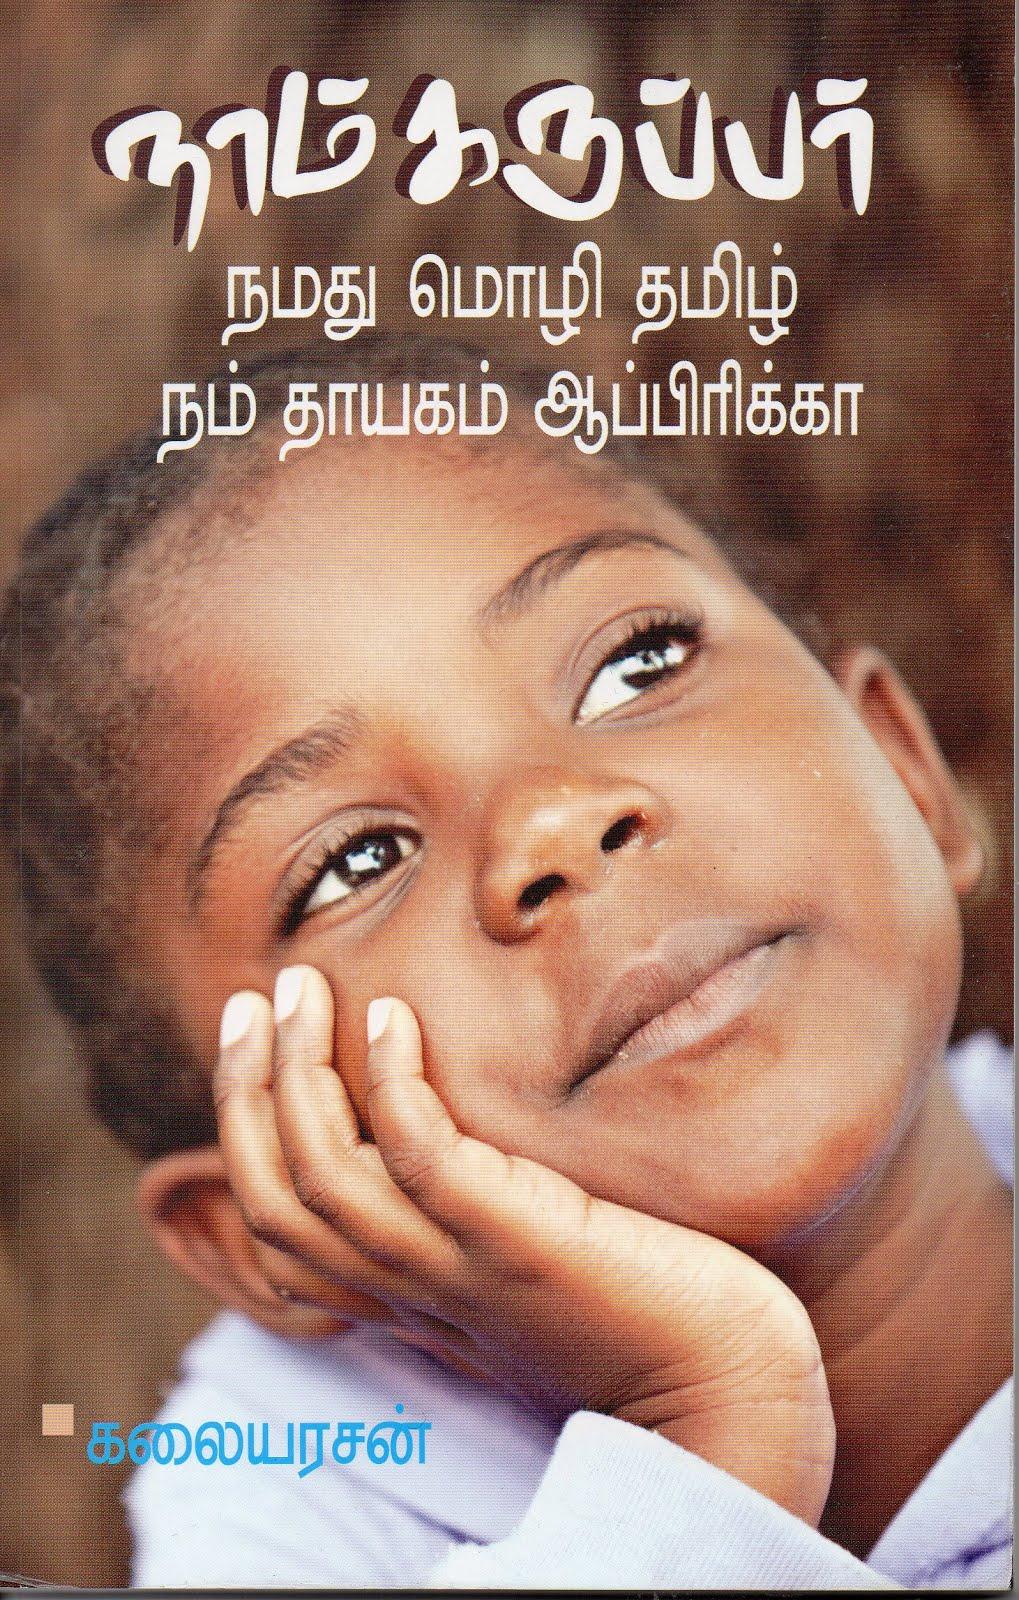 எனது நூல் அறிமுகம்: நாம் கருப்பர் நமது மொழி தமிழ் நம் தாயகம் ஆப்பிரிக்கா